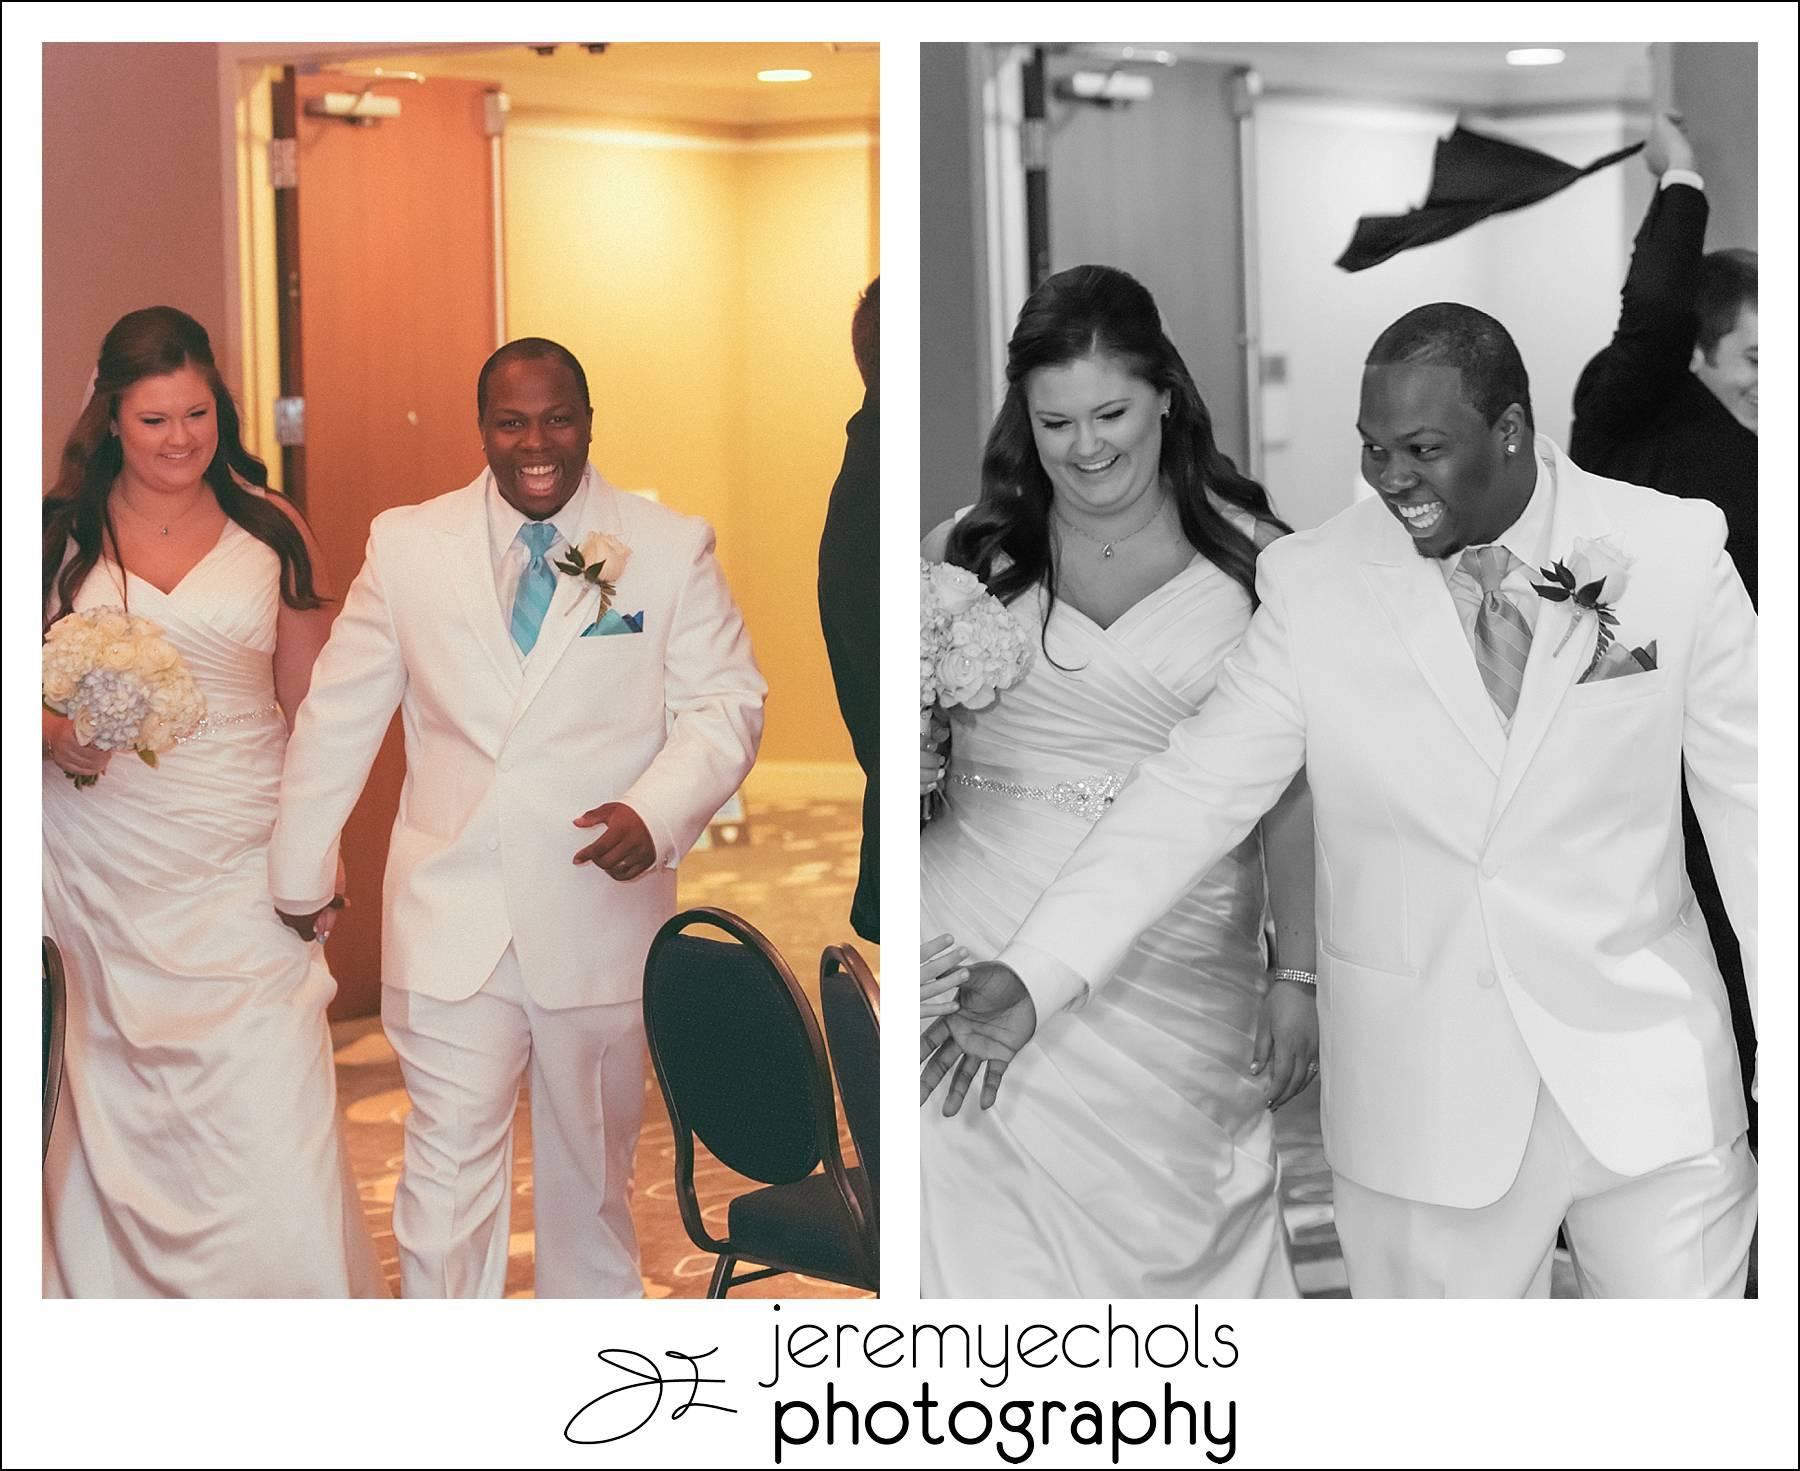 Marcus-Chelsea-Tacoma-Wedding-Photography-724_WEB.jpg